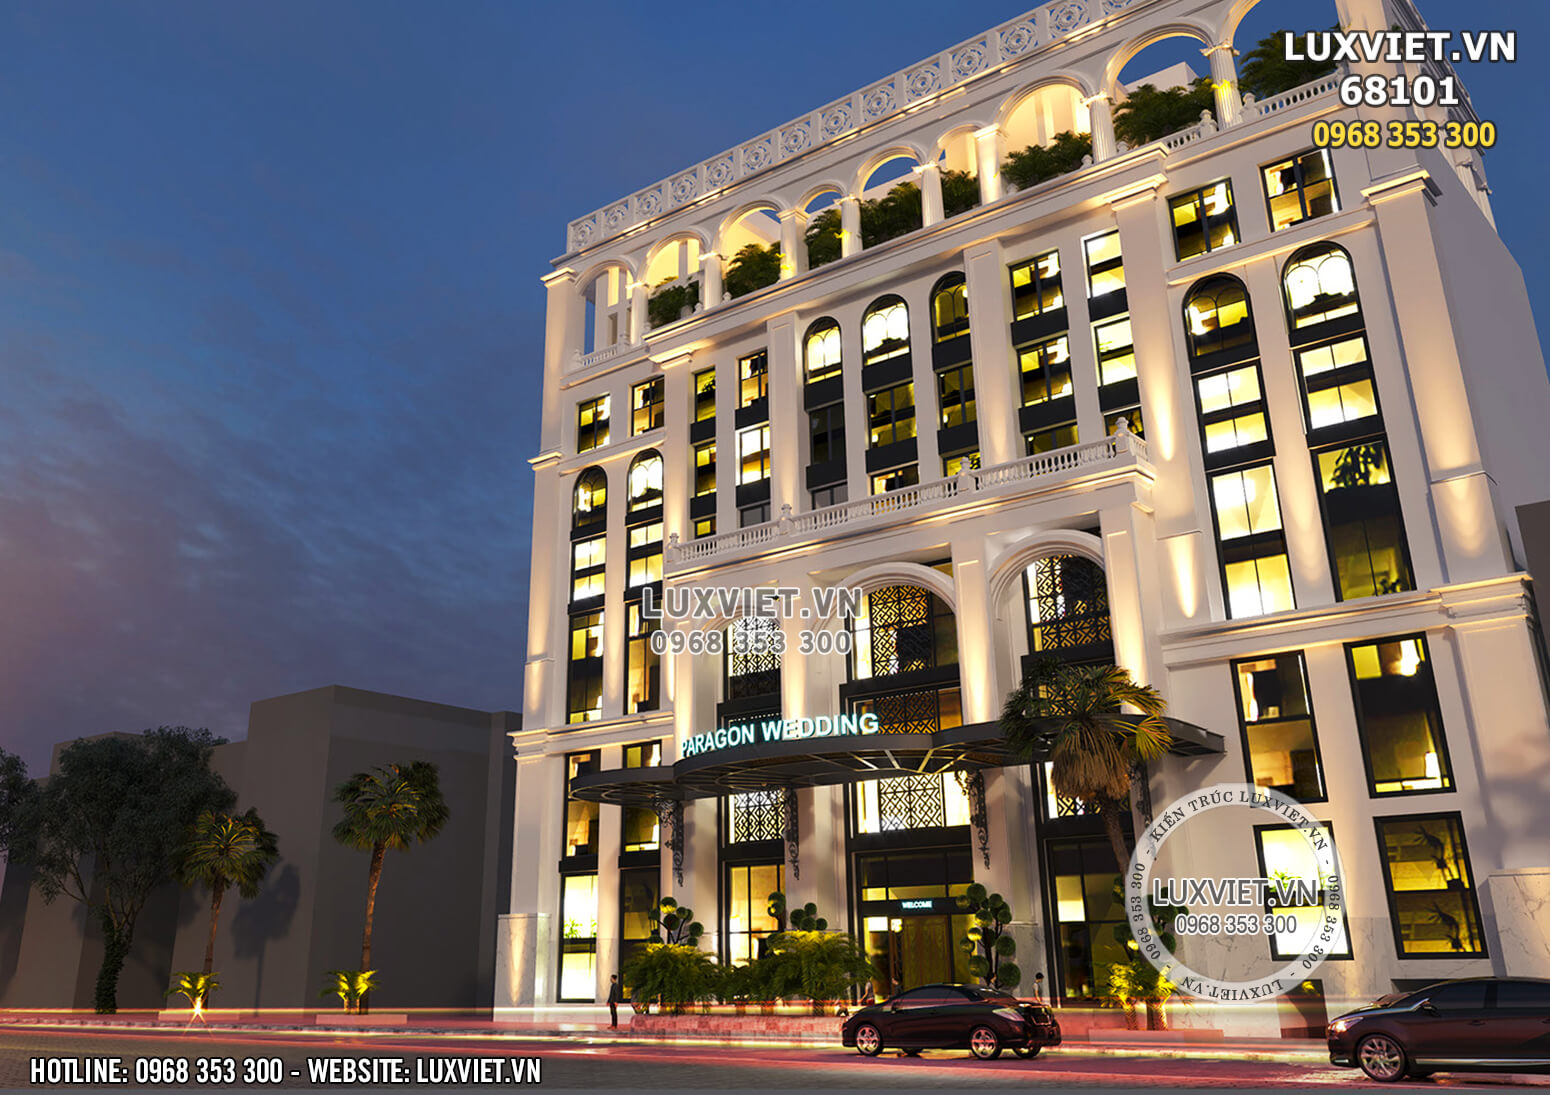 Hình ảnh: Thiết kế khách sạn 4 sao đẹp tân cổ điển